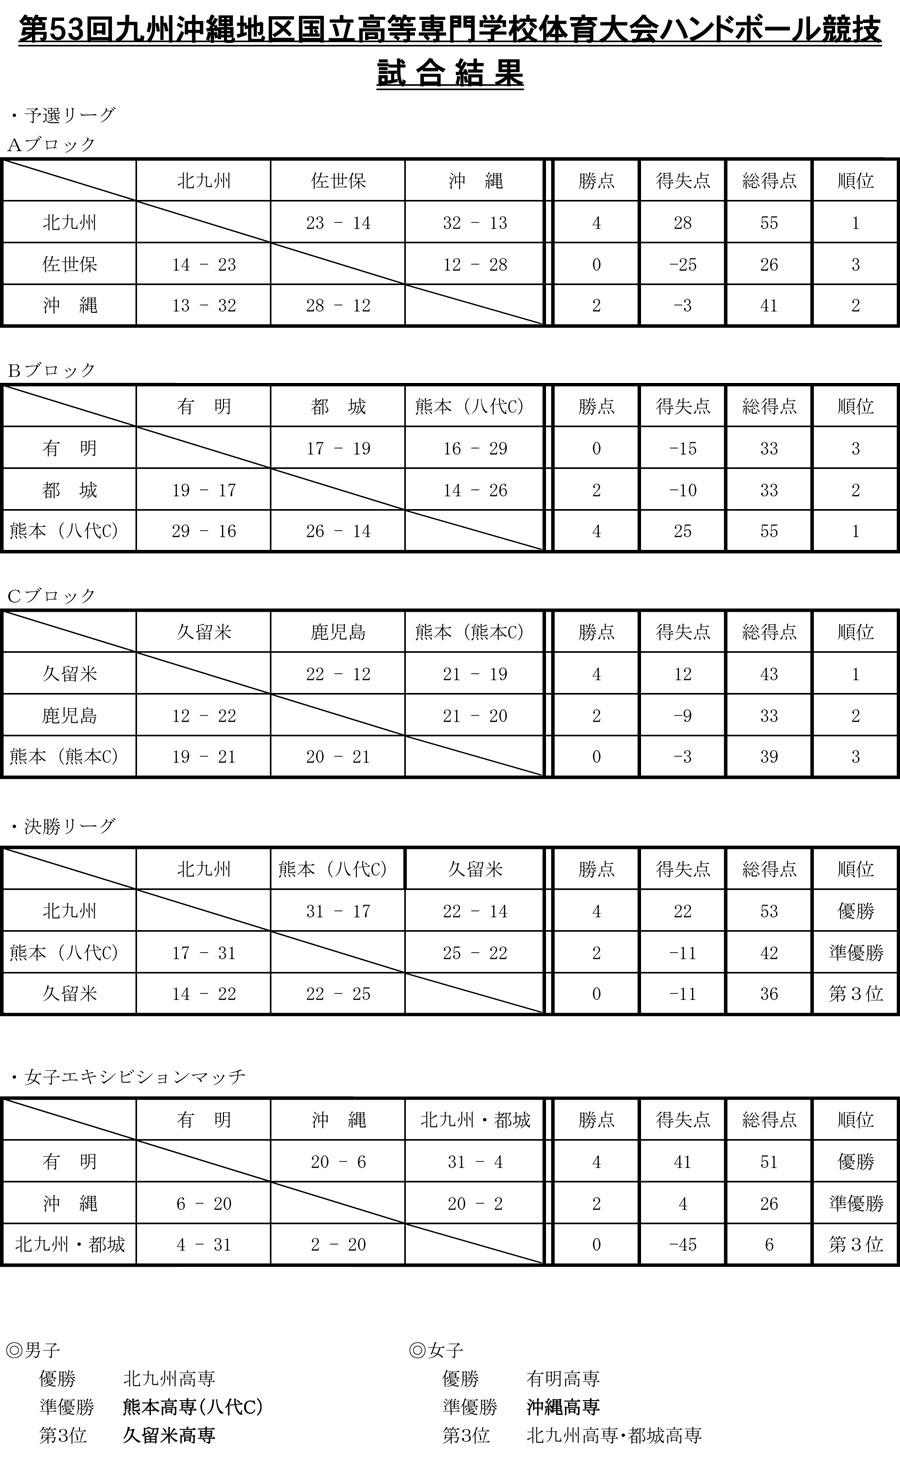 2016kousen_kyusyuokinawa_kekka